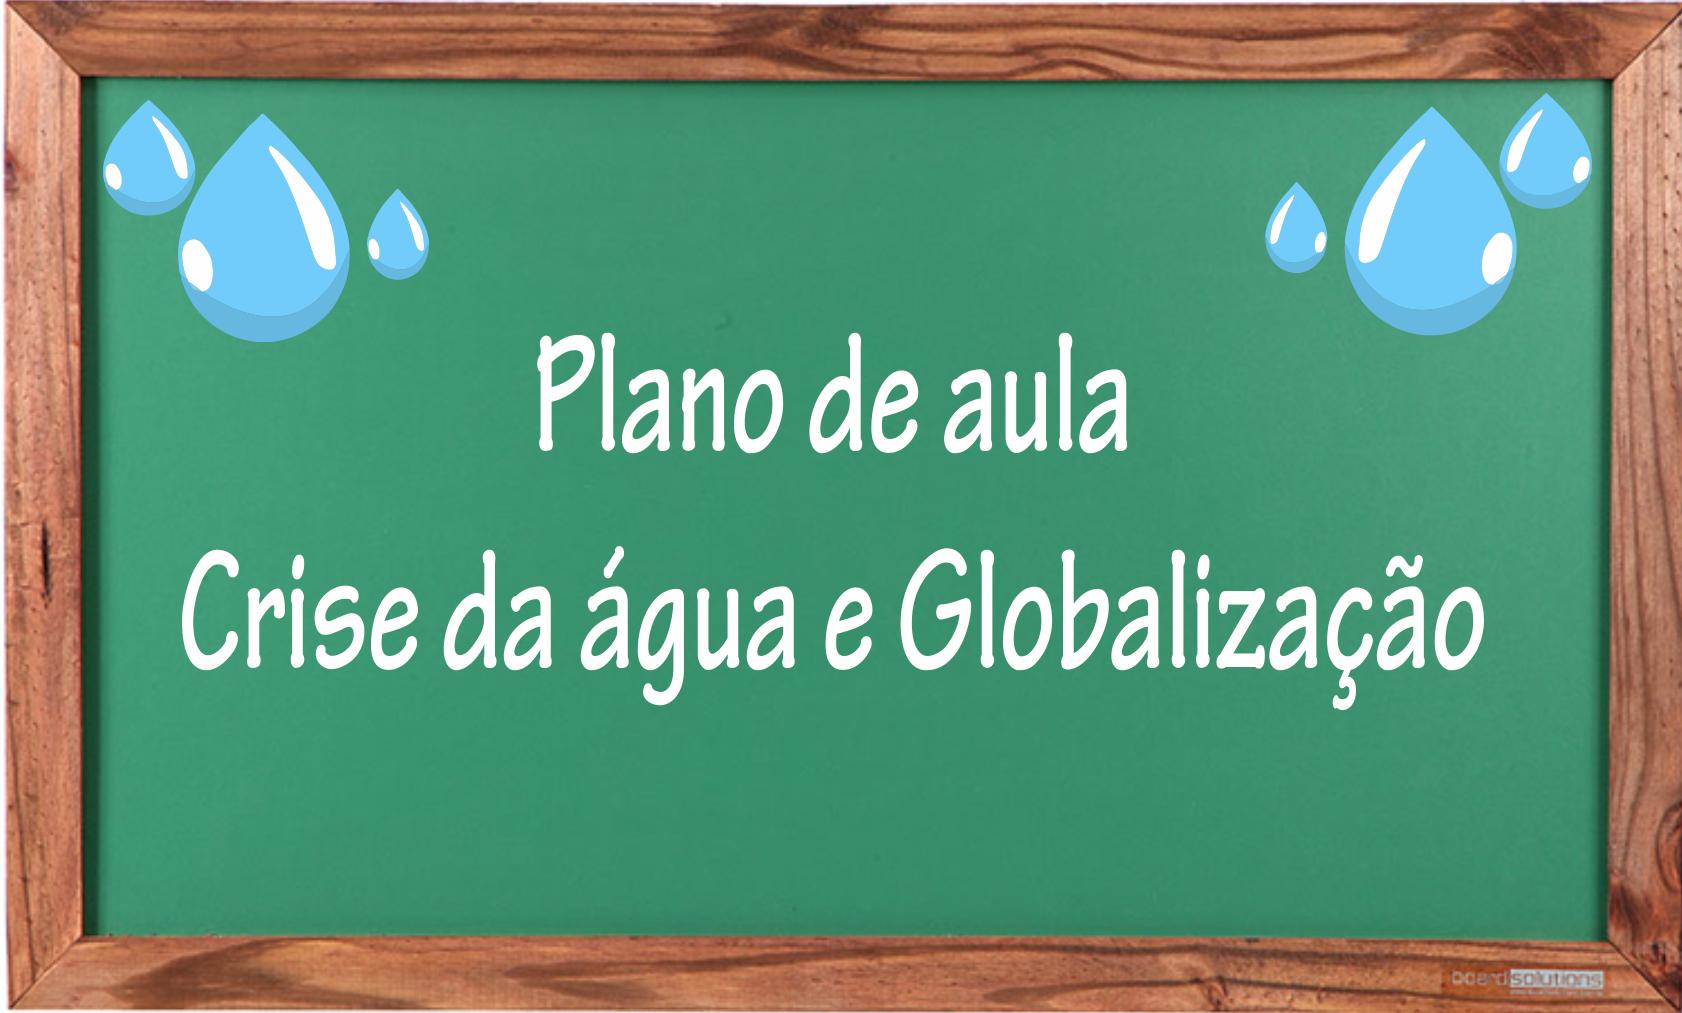 Plano de aula crise da agua e globalização